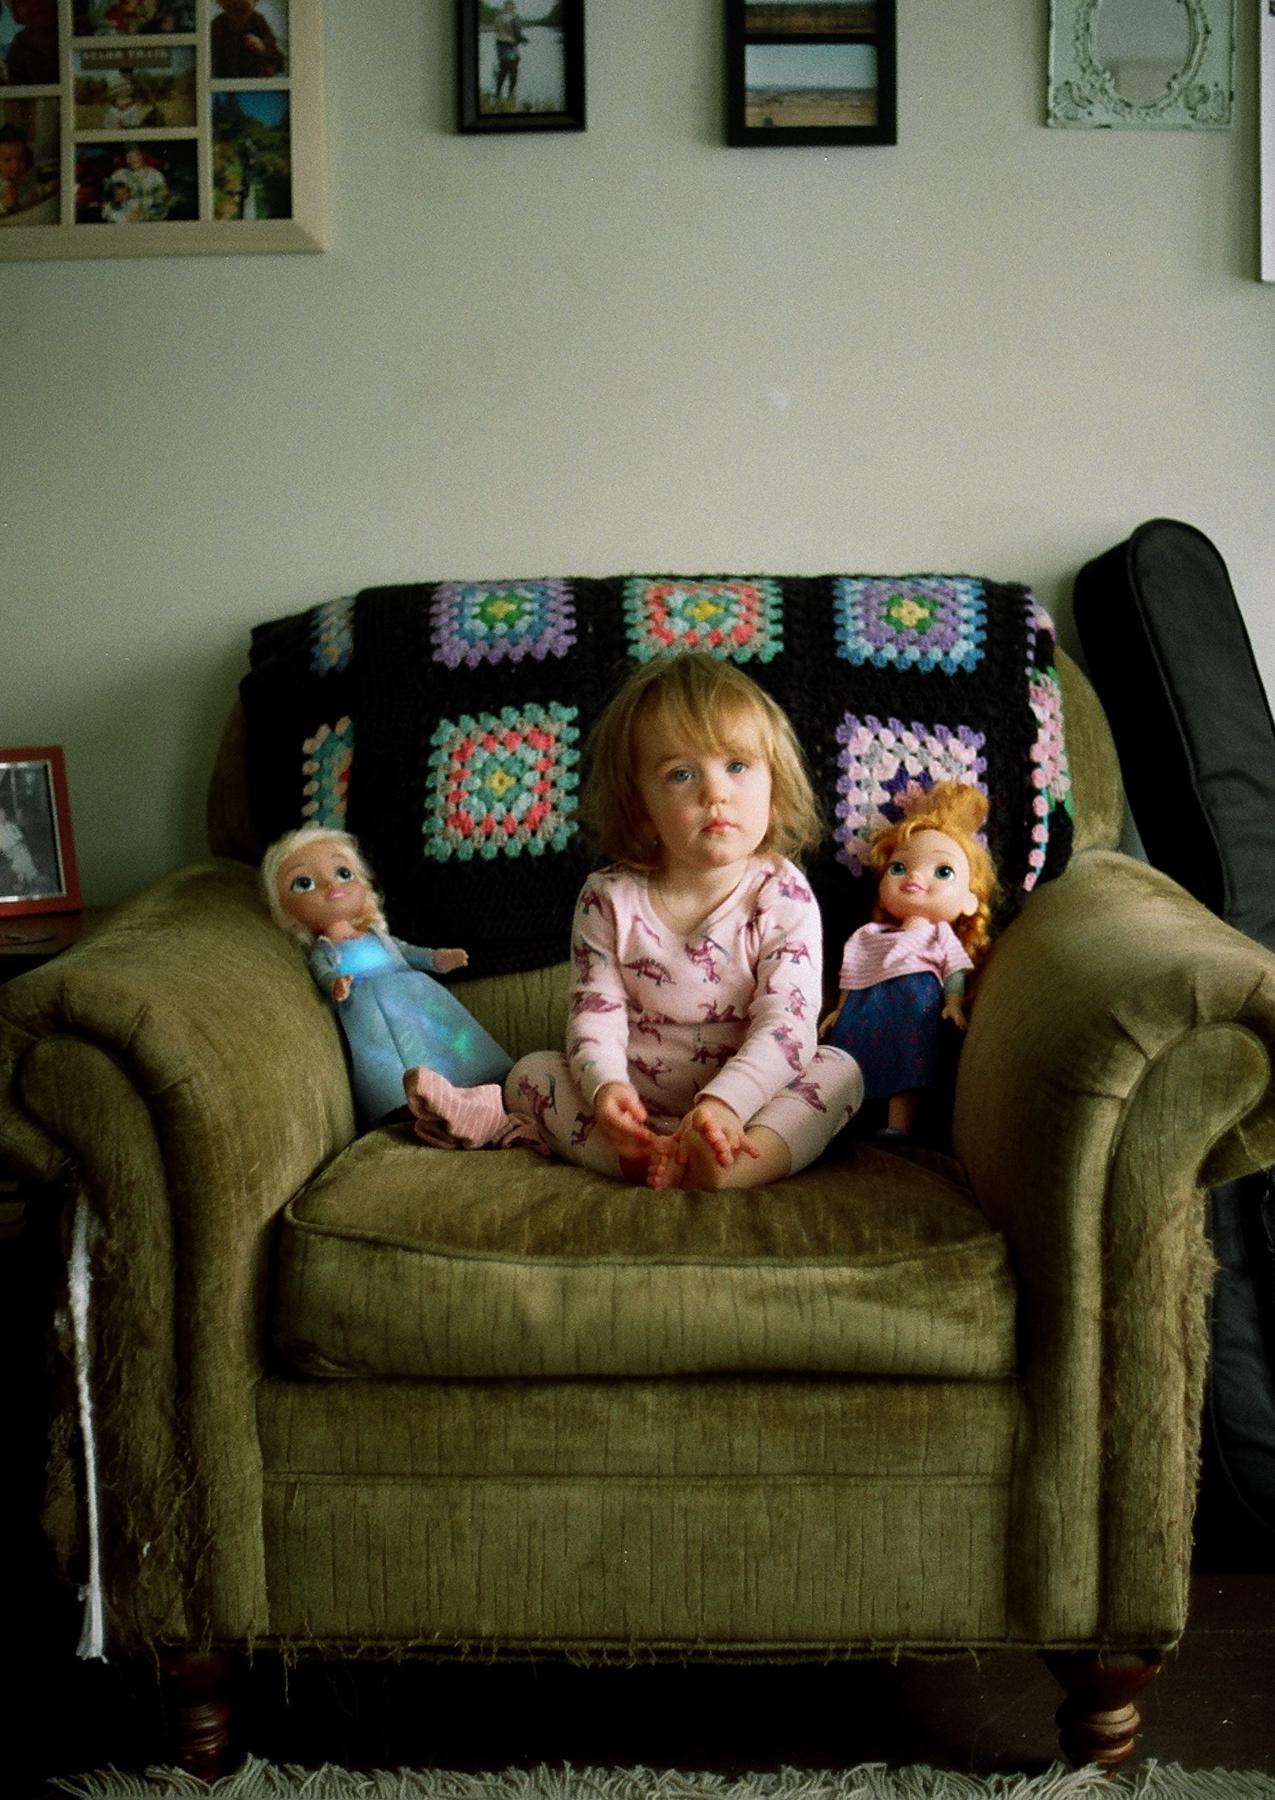 Anna + her dolls